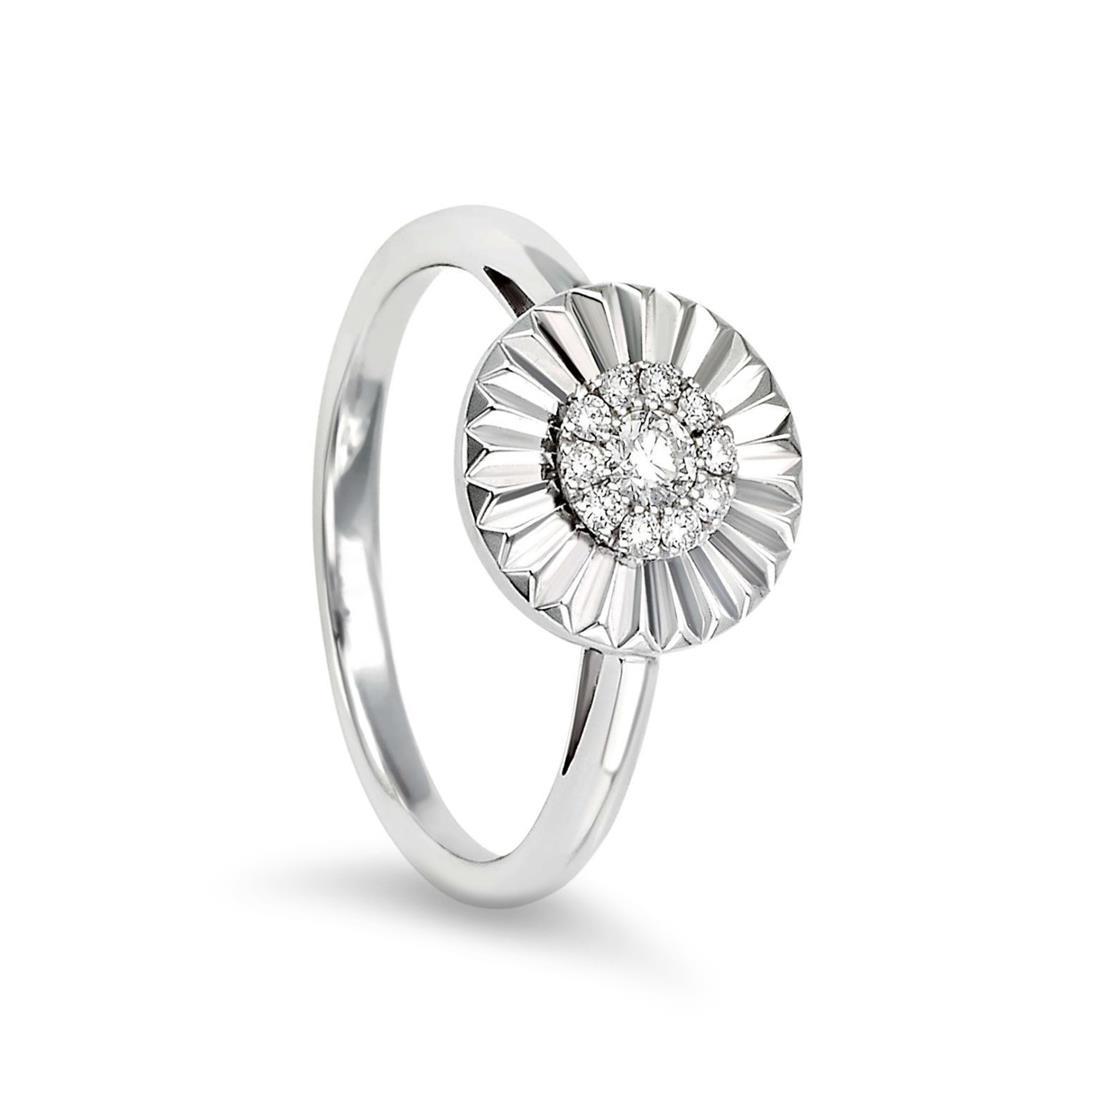 Anello con pavè di diamanti - BLISS